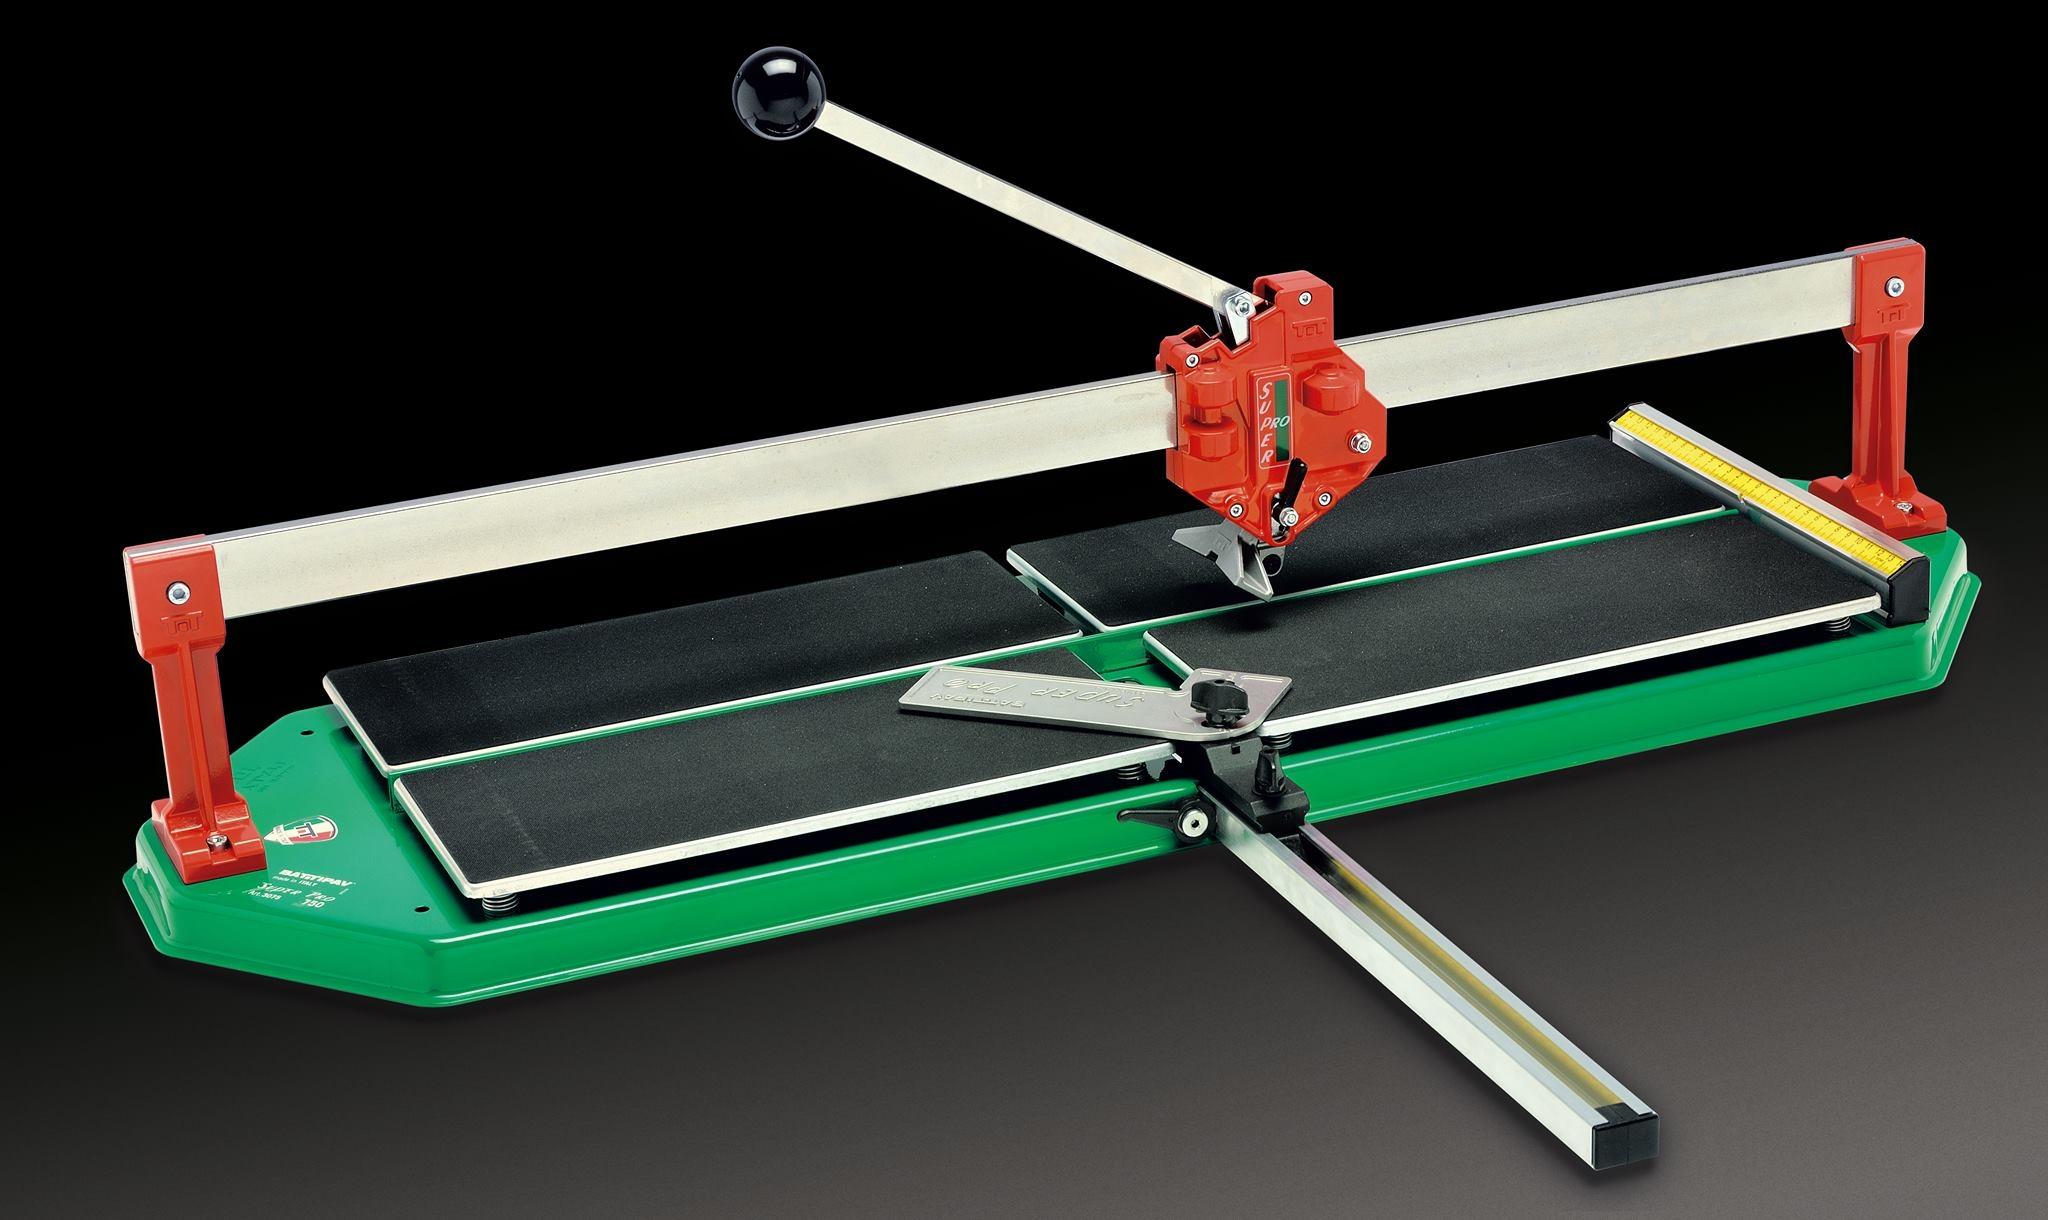 Máy cắt gạch Battipav - Super Pro 900 - Italy